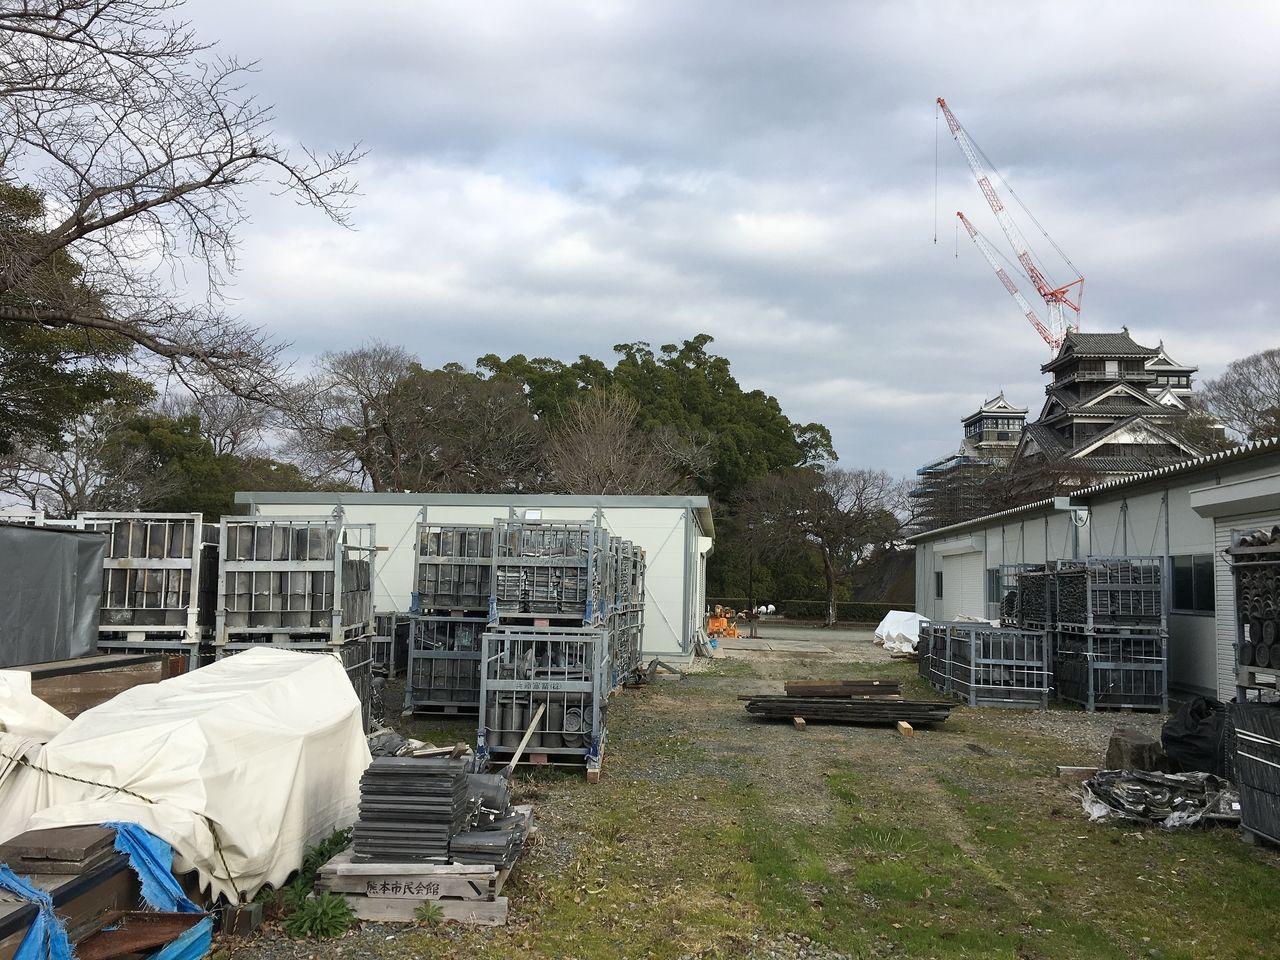 熊本城 西出丸に収納されている地震で被災した部材